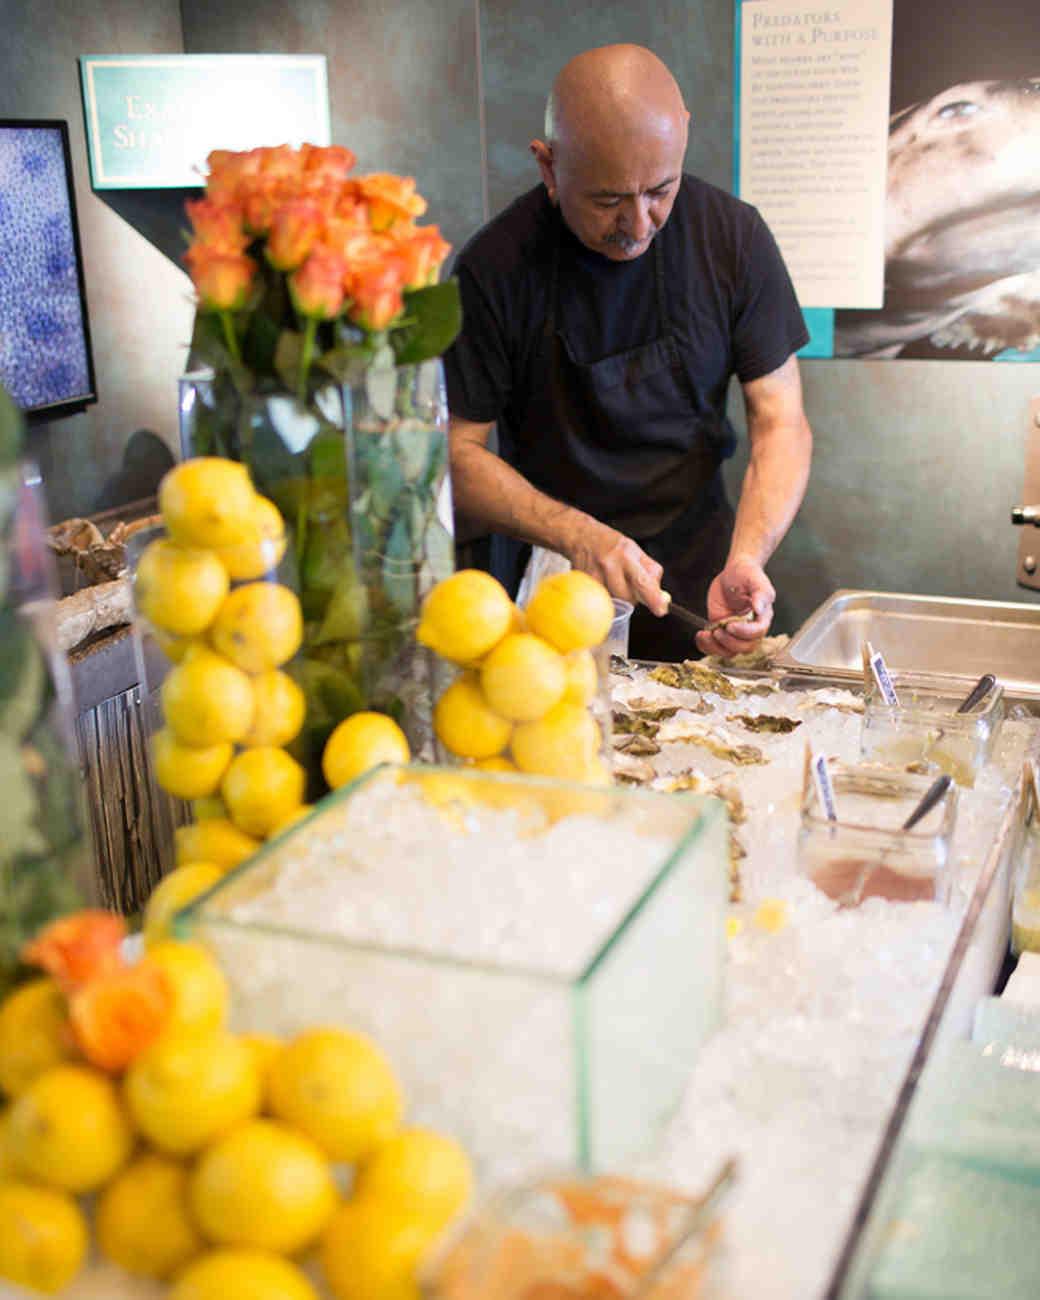 savory-wedding-food-bar-seafood-0116.jpg